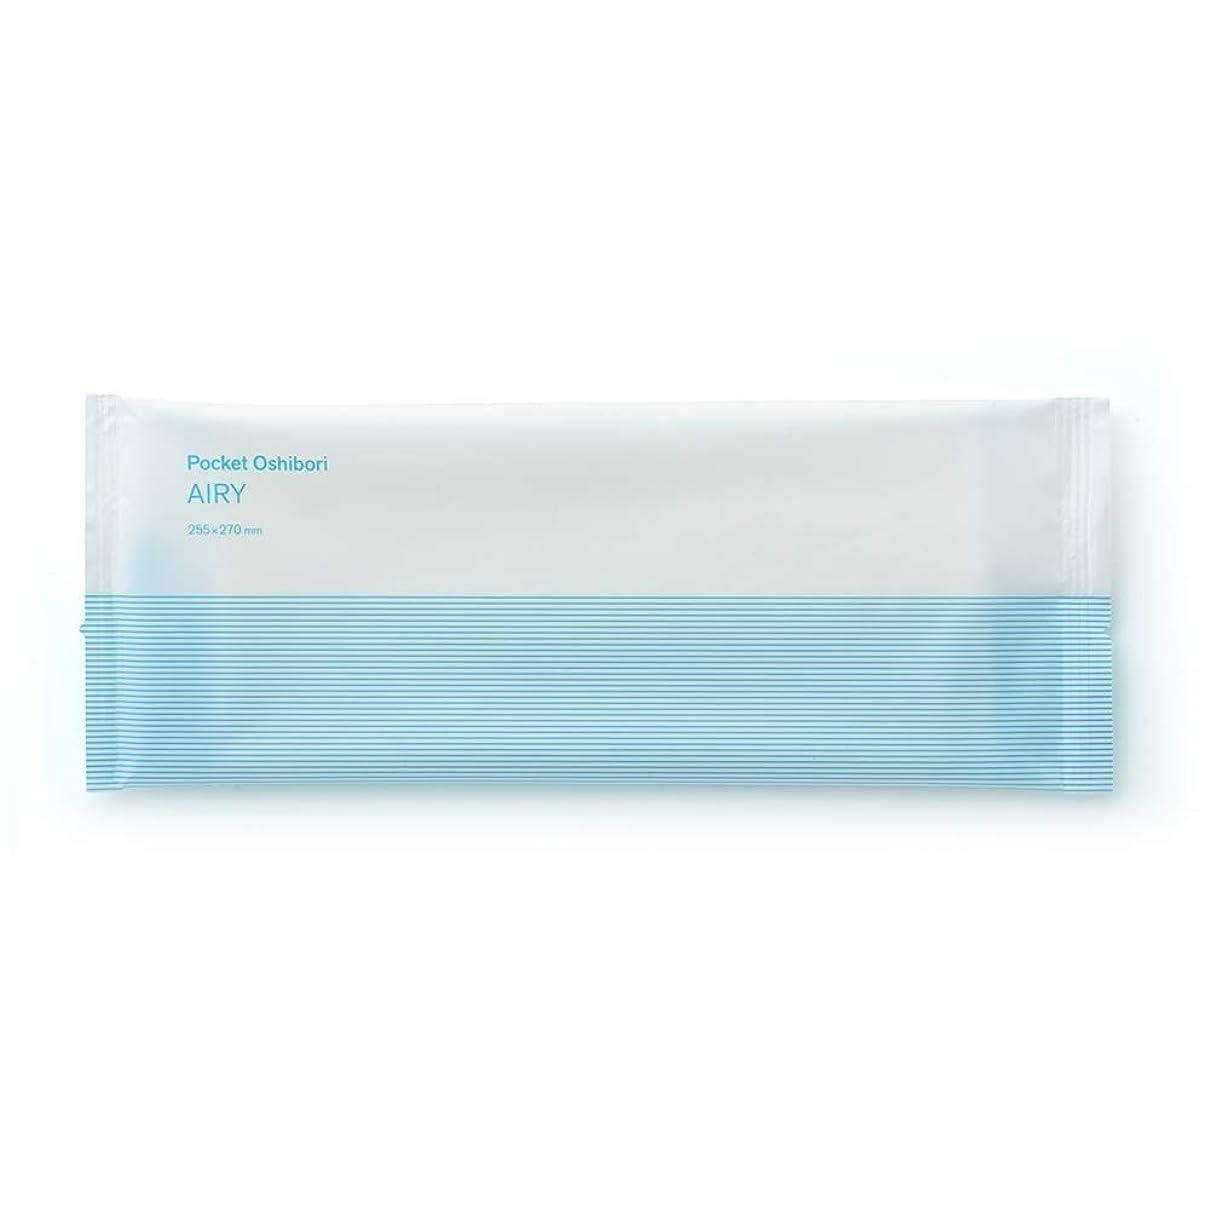 ハンサムスクラップブックルーキーFSX スパンレース紙おしぼり AIRY BLUE 1パック 100本 大判 厚手 業務用